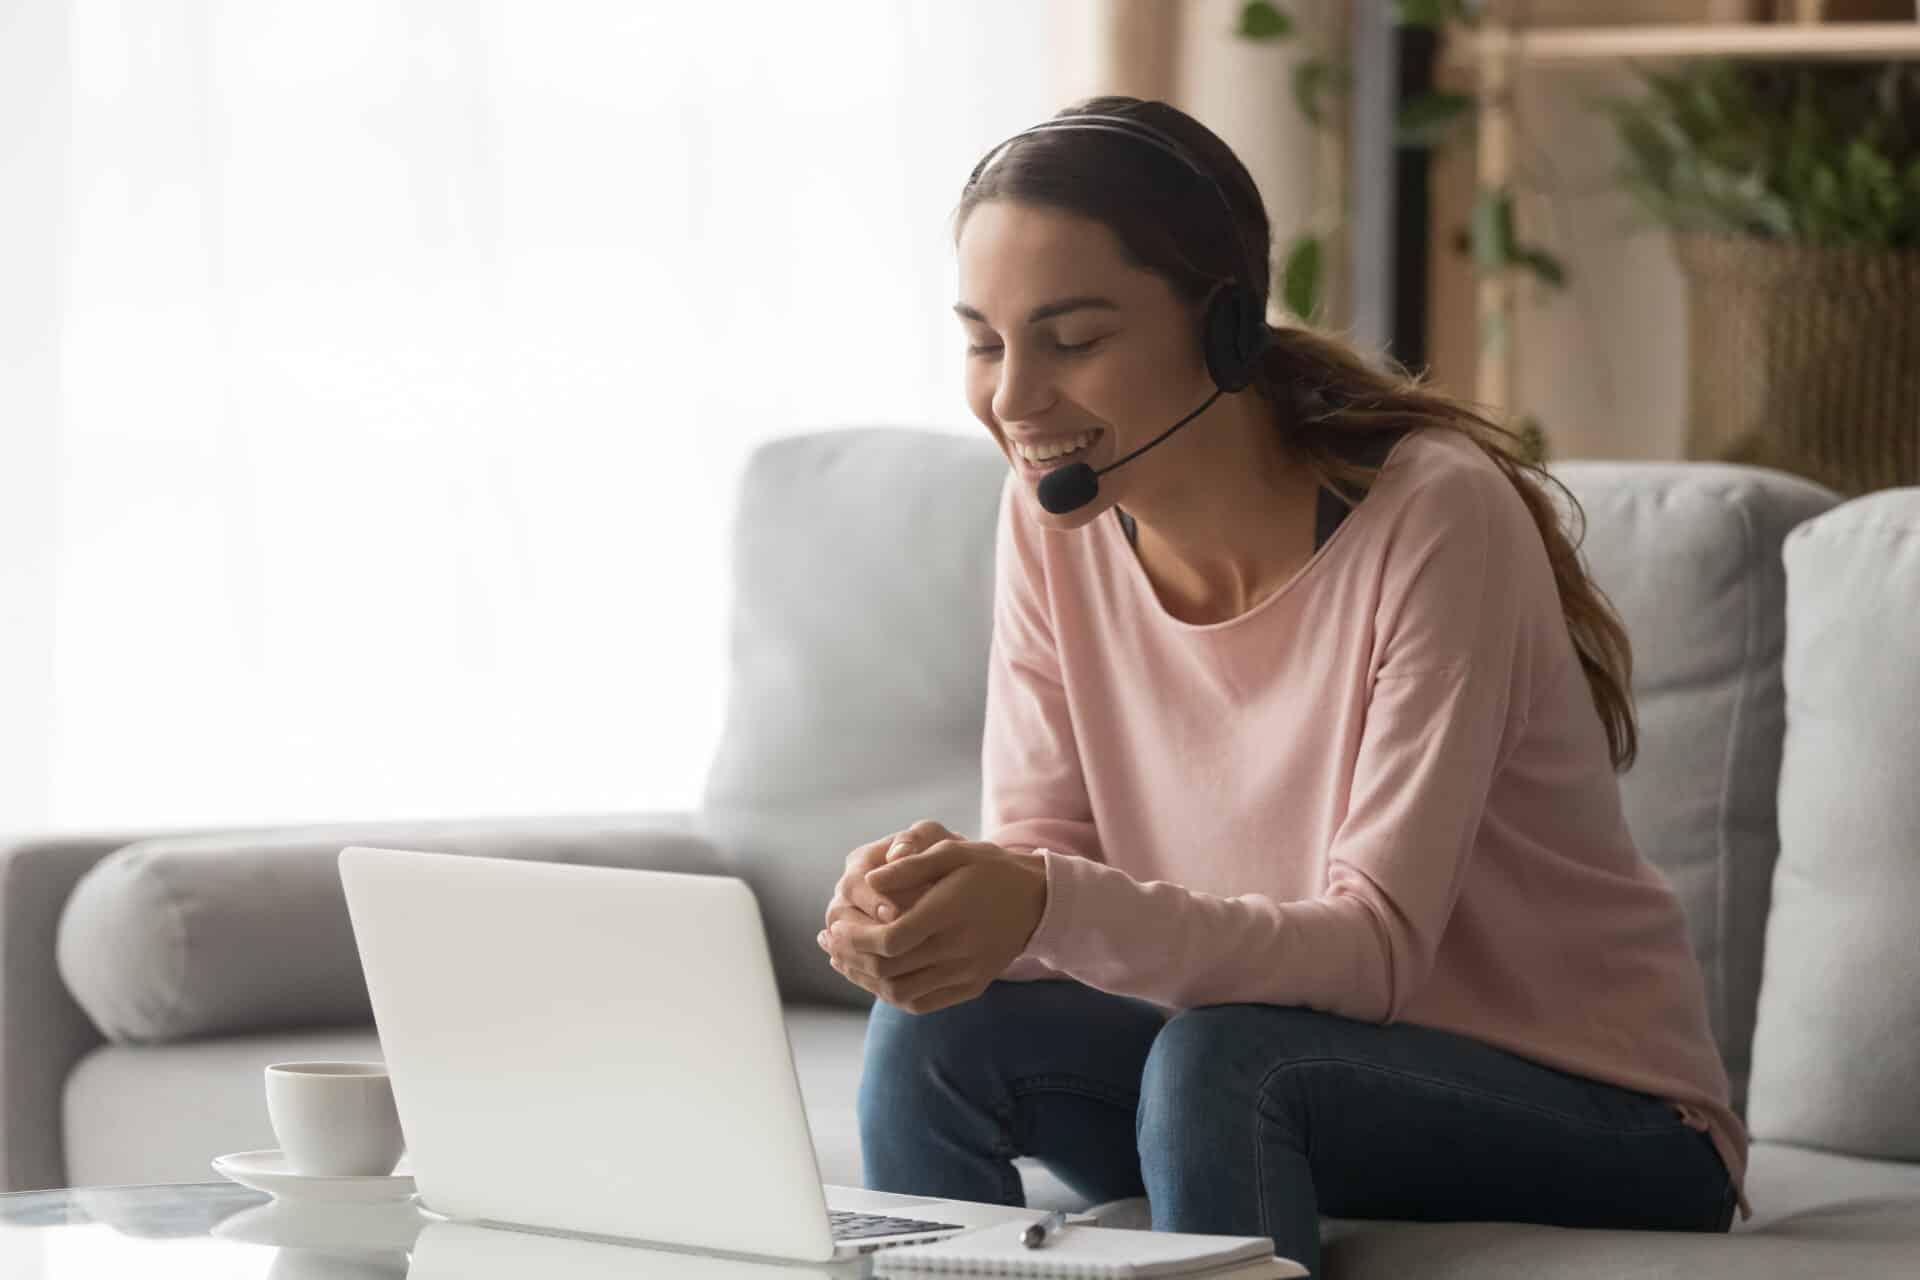 Auch wenn du zu Hause arbeitest, kannst du Telefonkonferenzen organisieren.